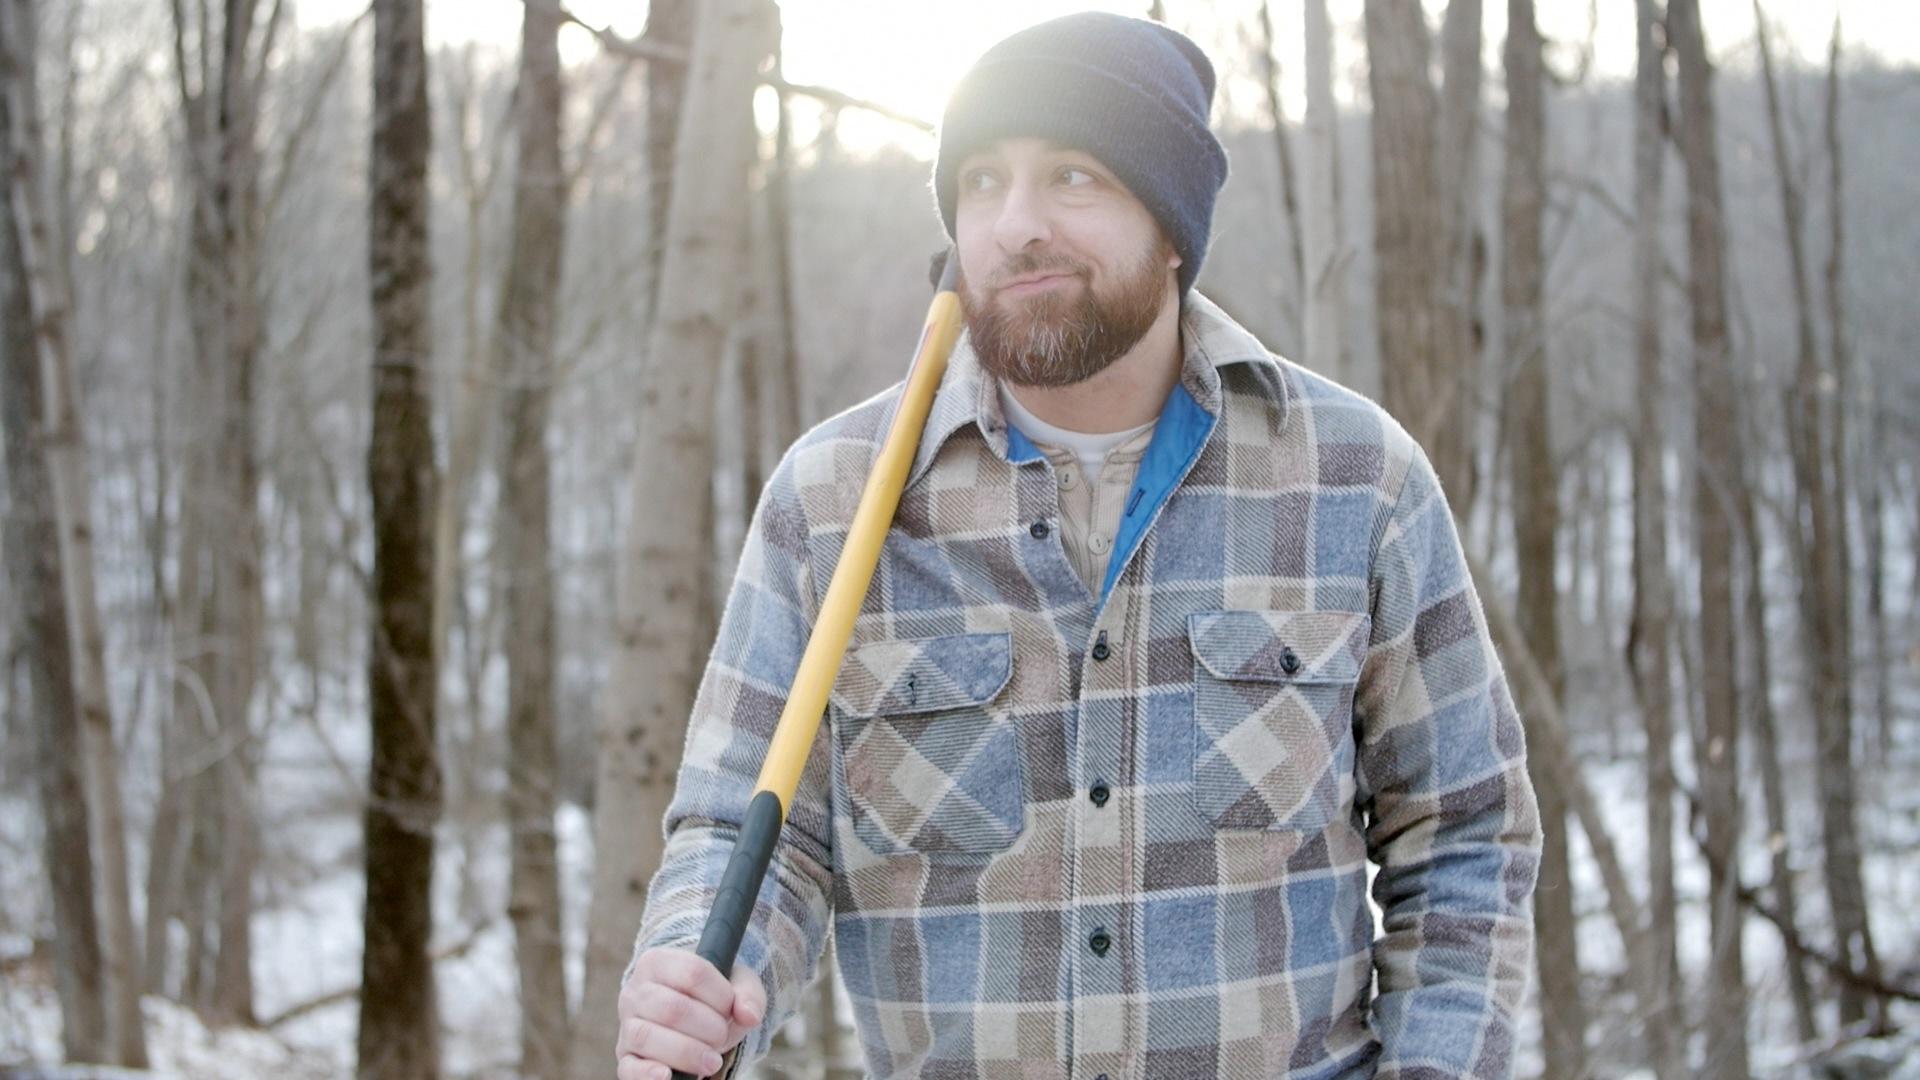 That is one sweet winter beard.